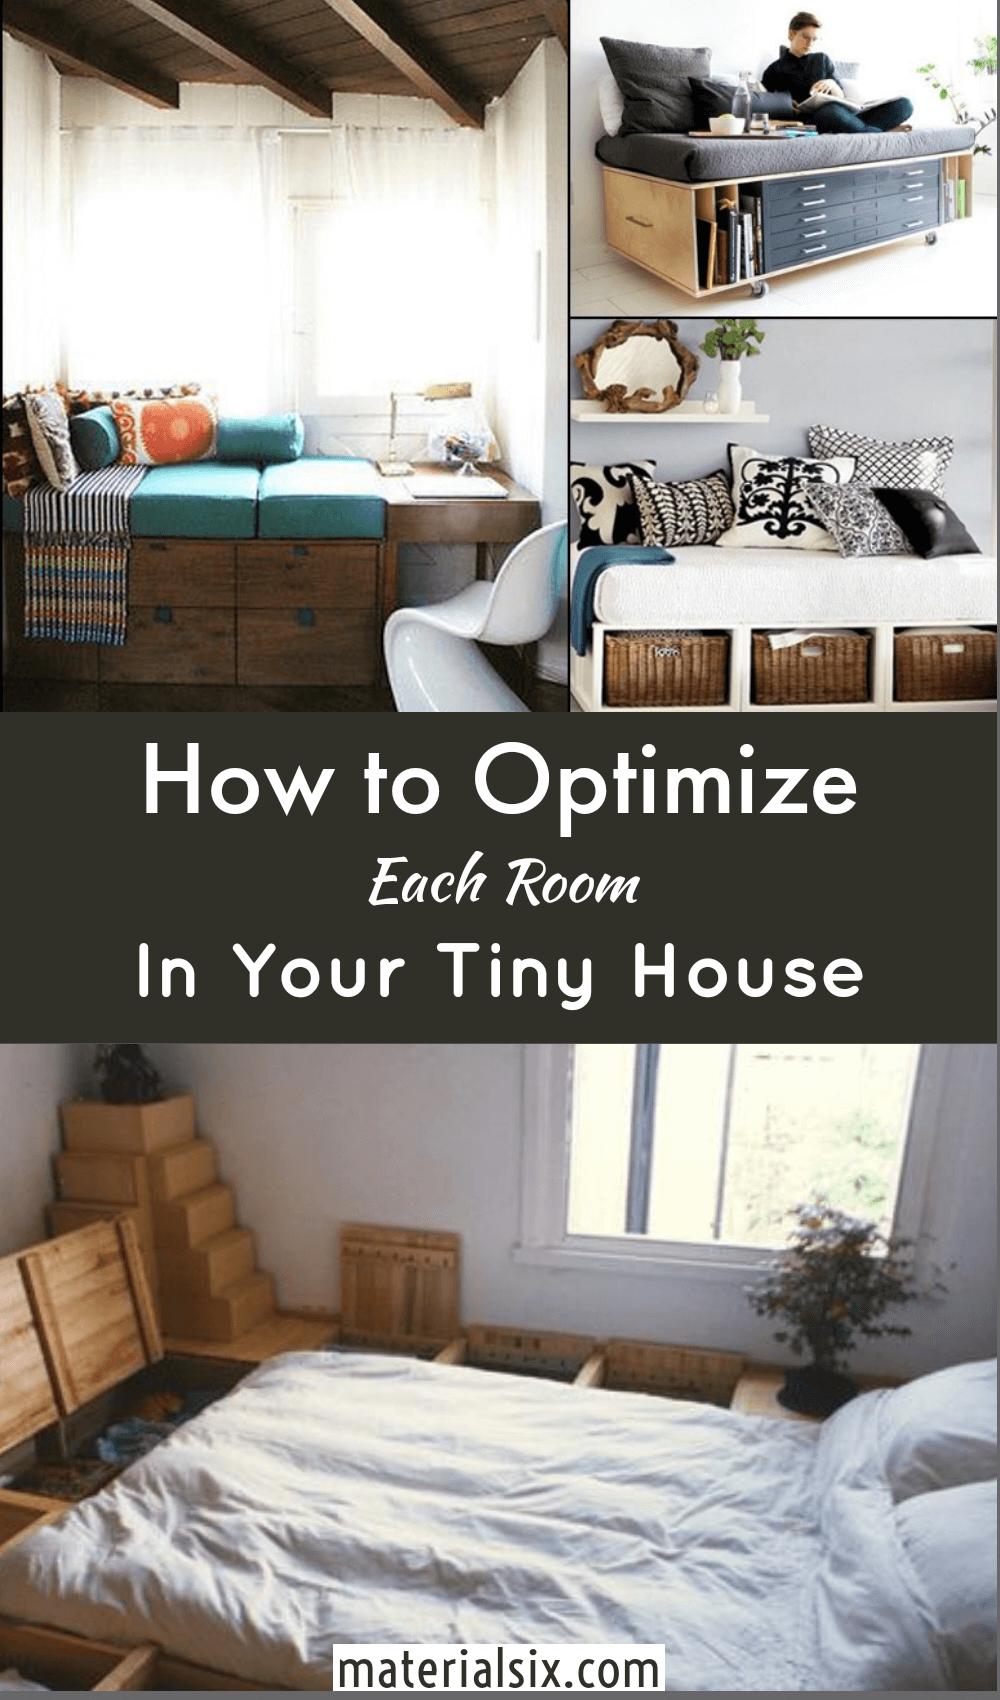 Tiny House organization Hacks Room by Room